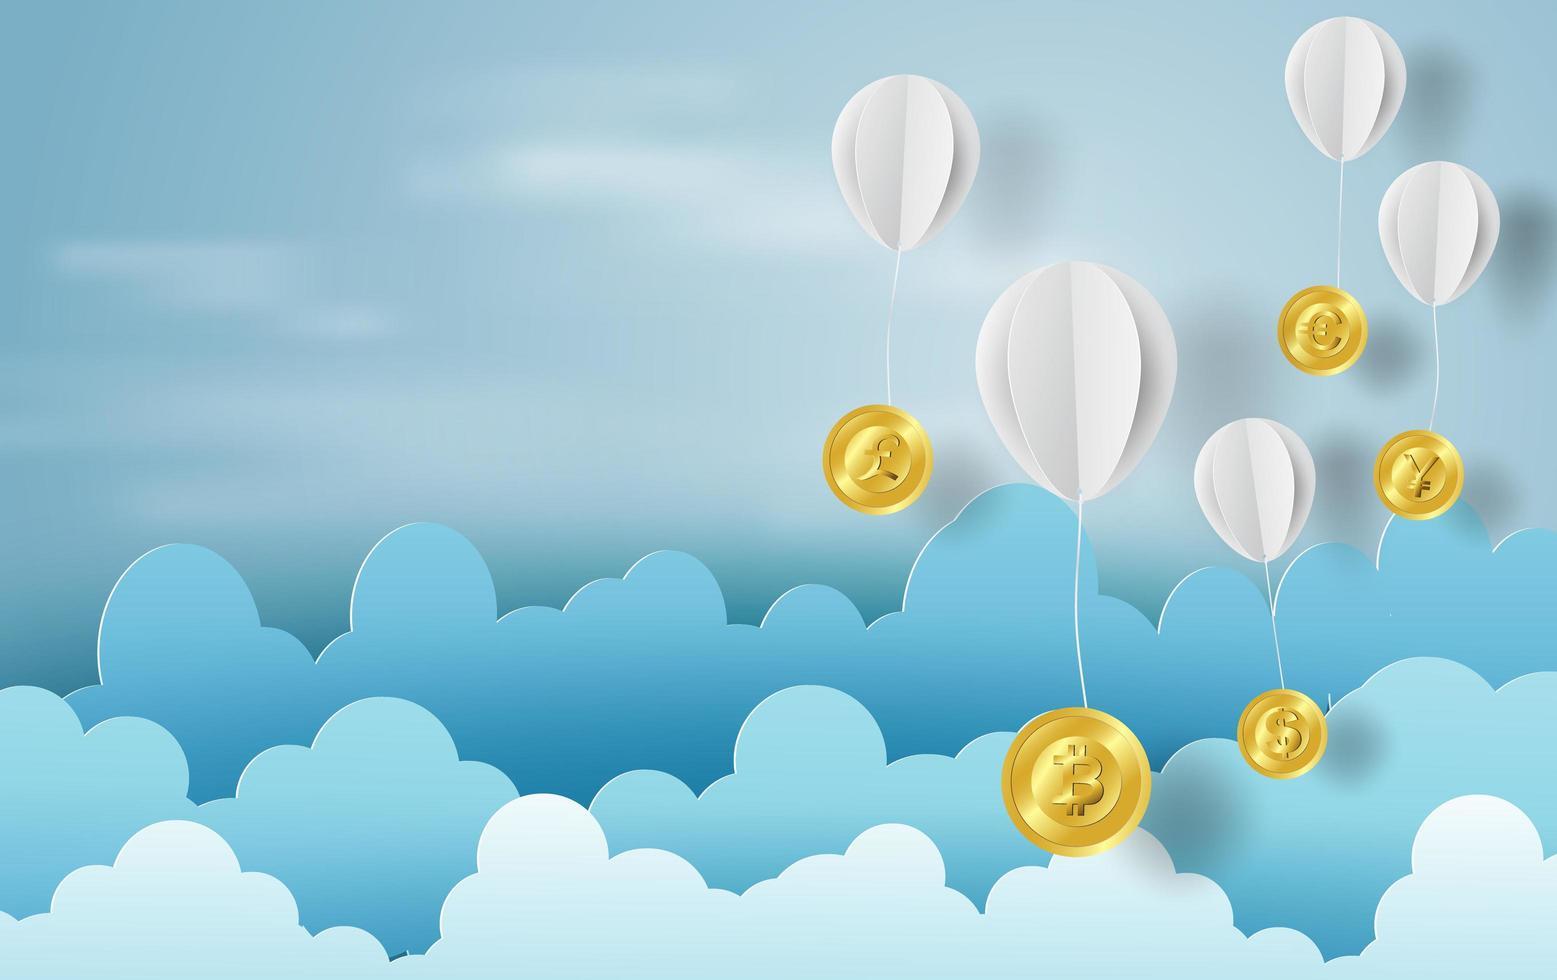 papperskonst av ballonger som moln på blå himmel banner med bitcoins vektor